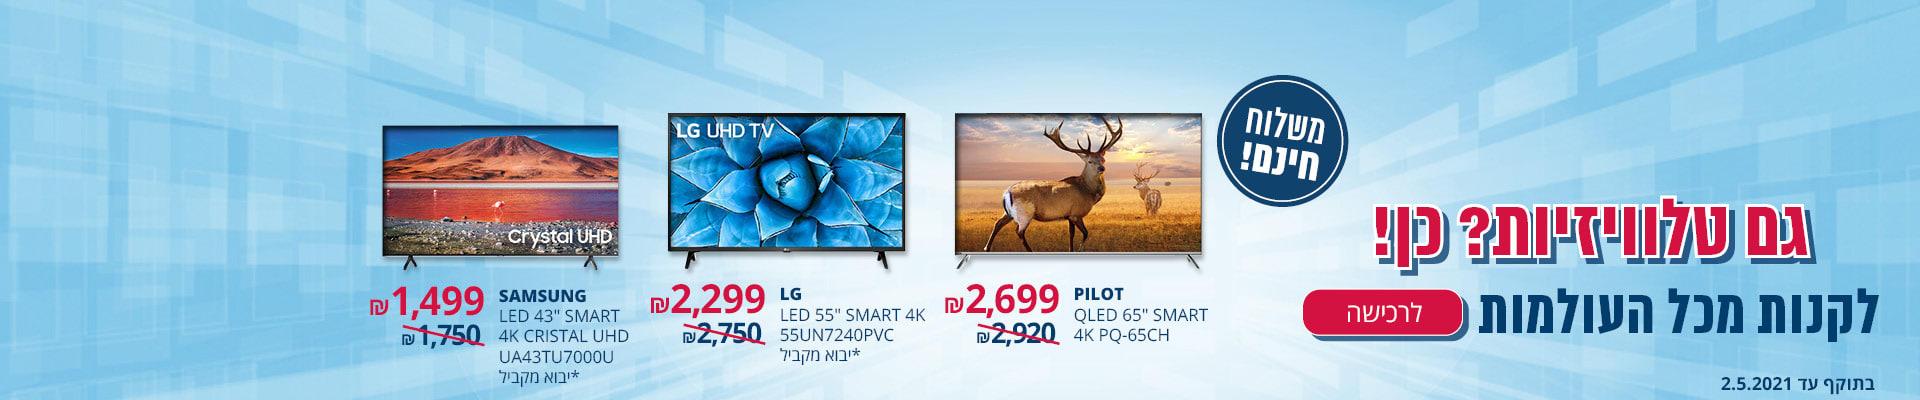 גם טלויזיות? כן!לקנות מכל העולמות PILOT QLED 65'' SMART65 CH2699₪ LG LED 55''SMART 4K* יבוא מקביל 2299 ₪ SAMSUNG LED 43'' SMART4K CRISTAL * יבוא מקביל 1499 ₪ משלוח חינם בתוקף עד 2.5.2021